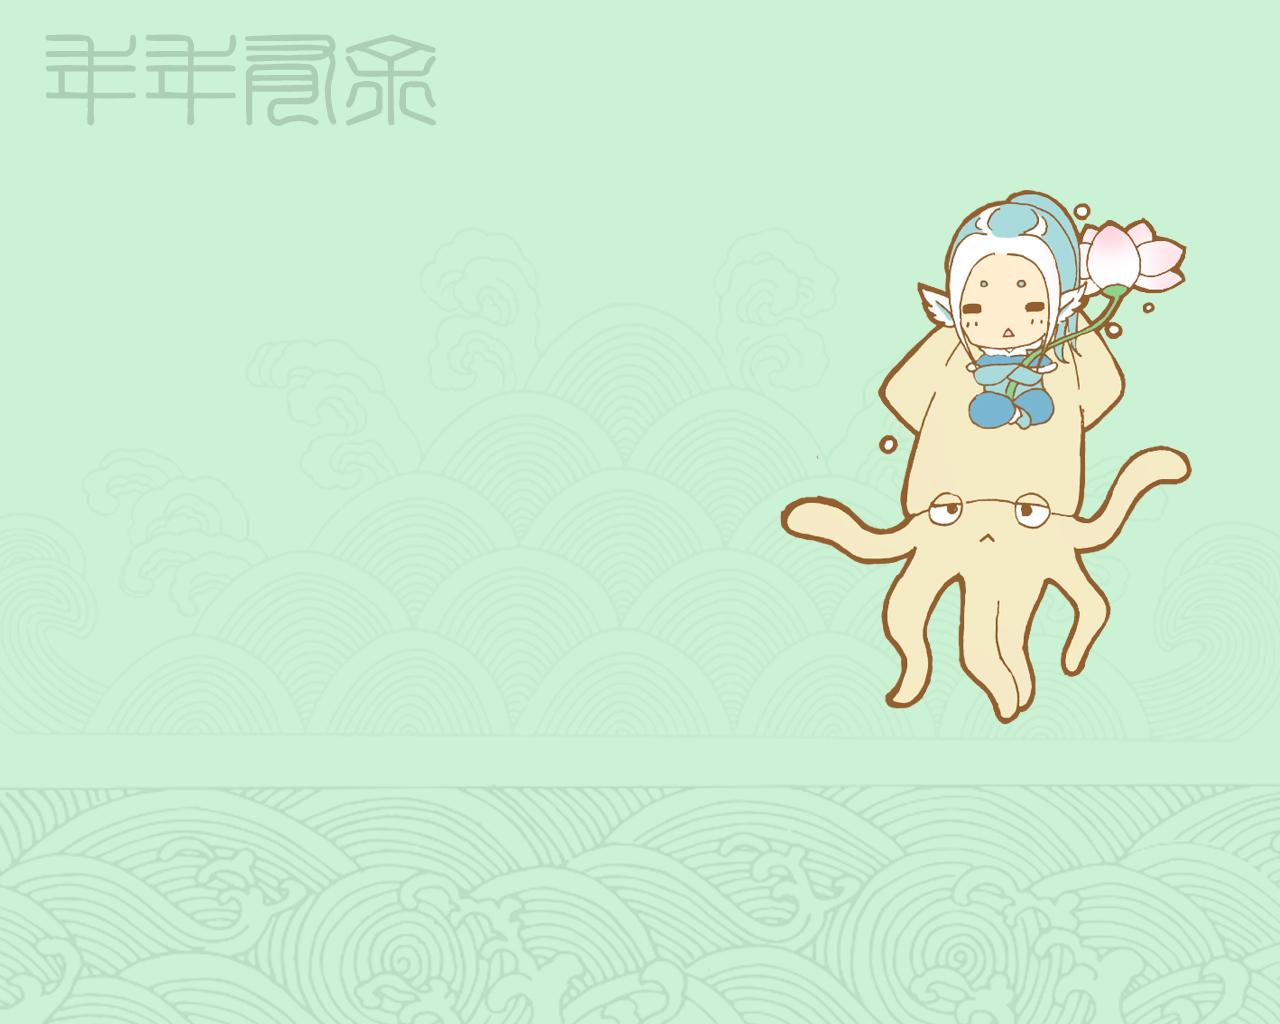 本文图片由官方记者小猪胖≡原创,祝大家新年快乐